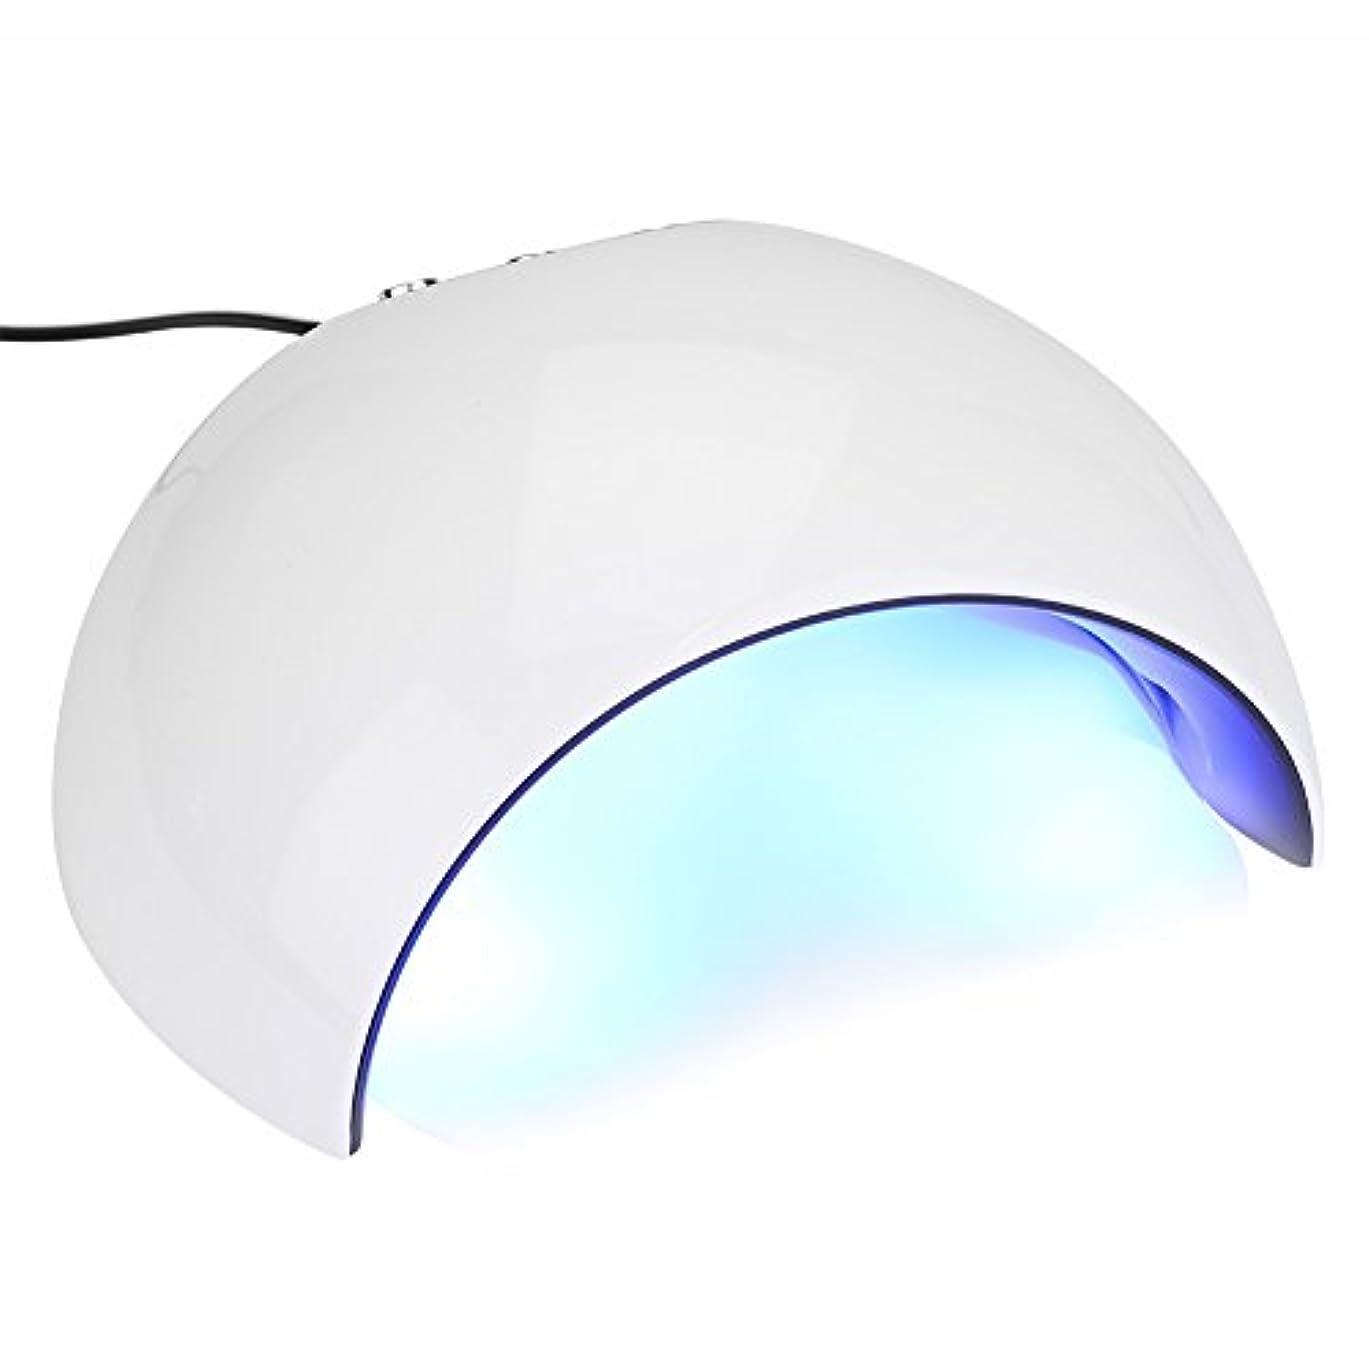 砂の酸度ネズミ24Wネイルドライヤー - 3タイマー60秒、90秒、120秒のUV LEDネイルランプ